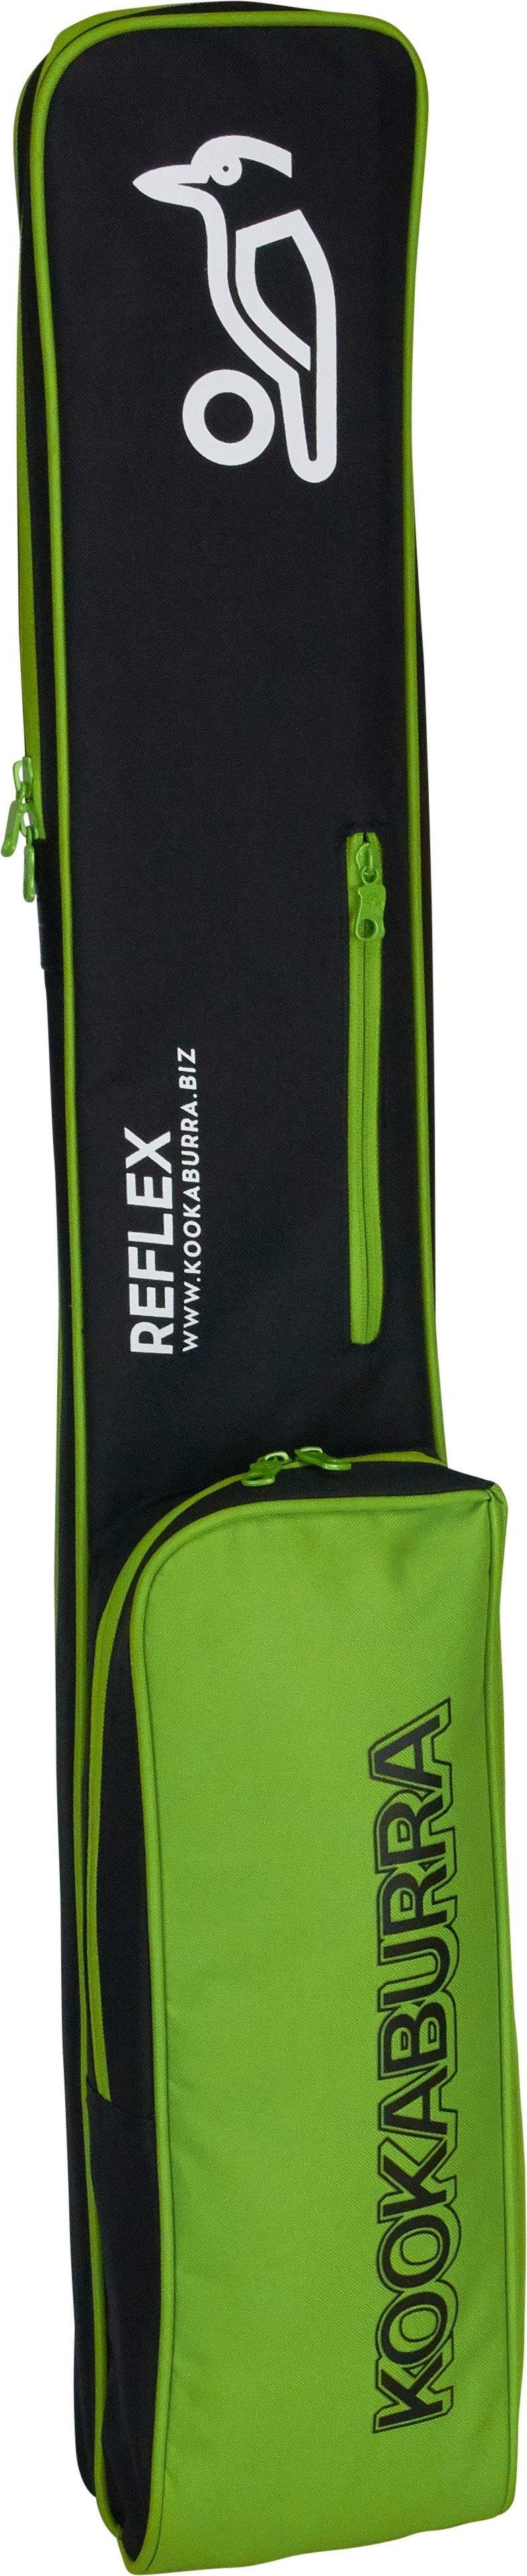 2017/18 Kookaburra Reflex Hockey Bag